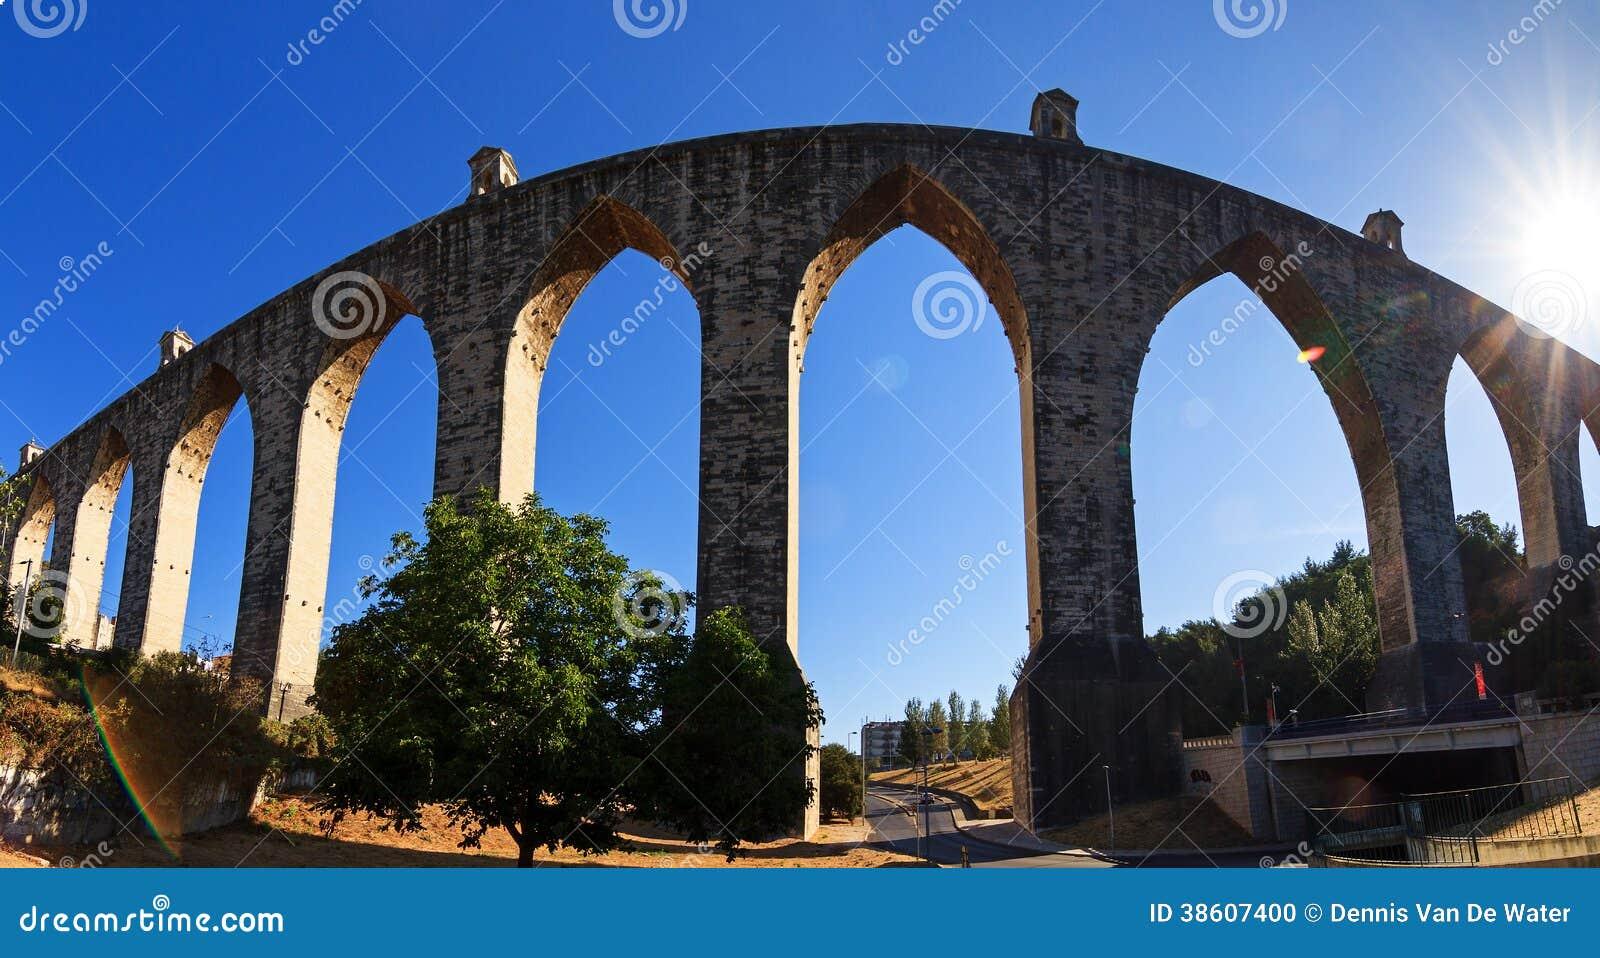 Aquas Livres Aquaduct